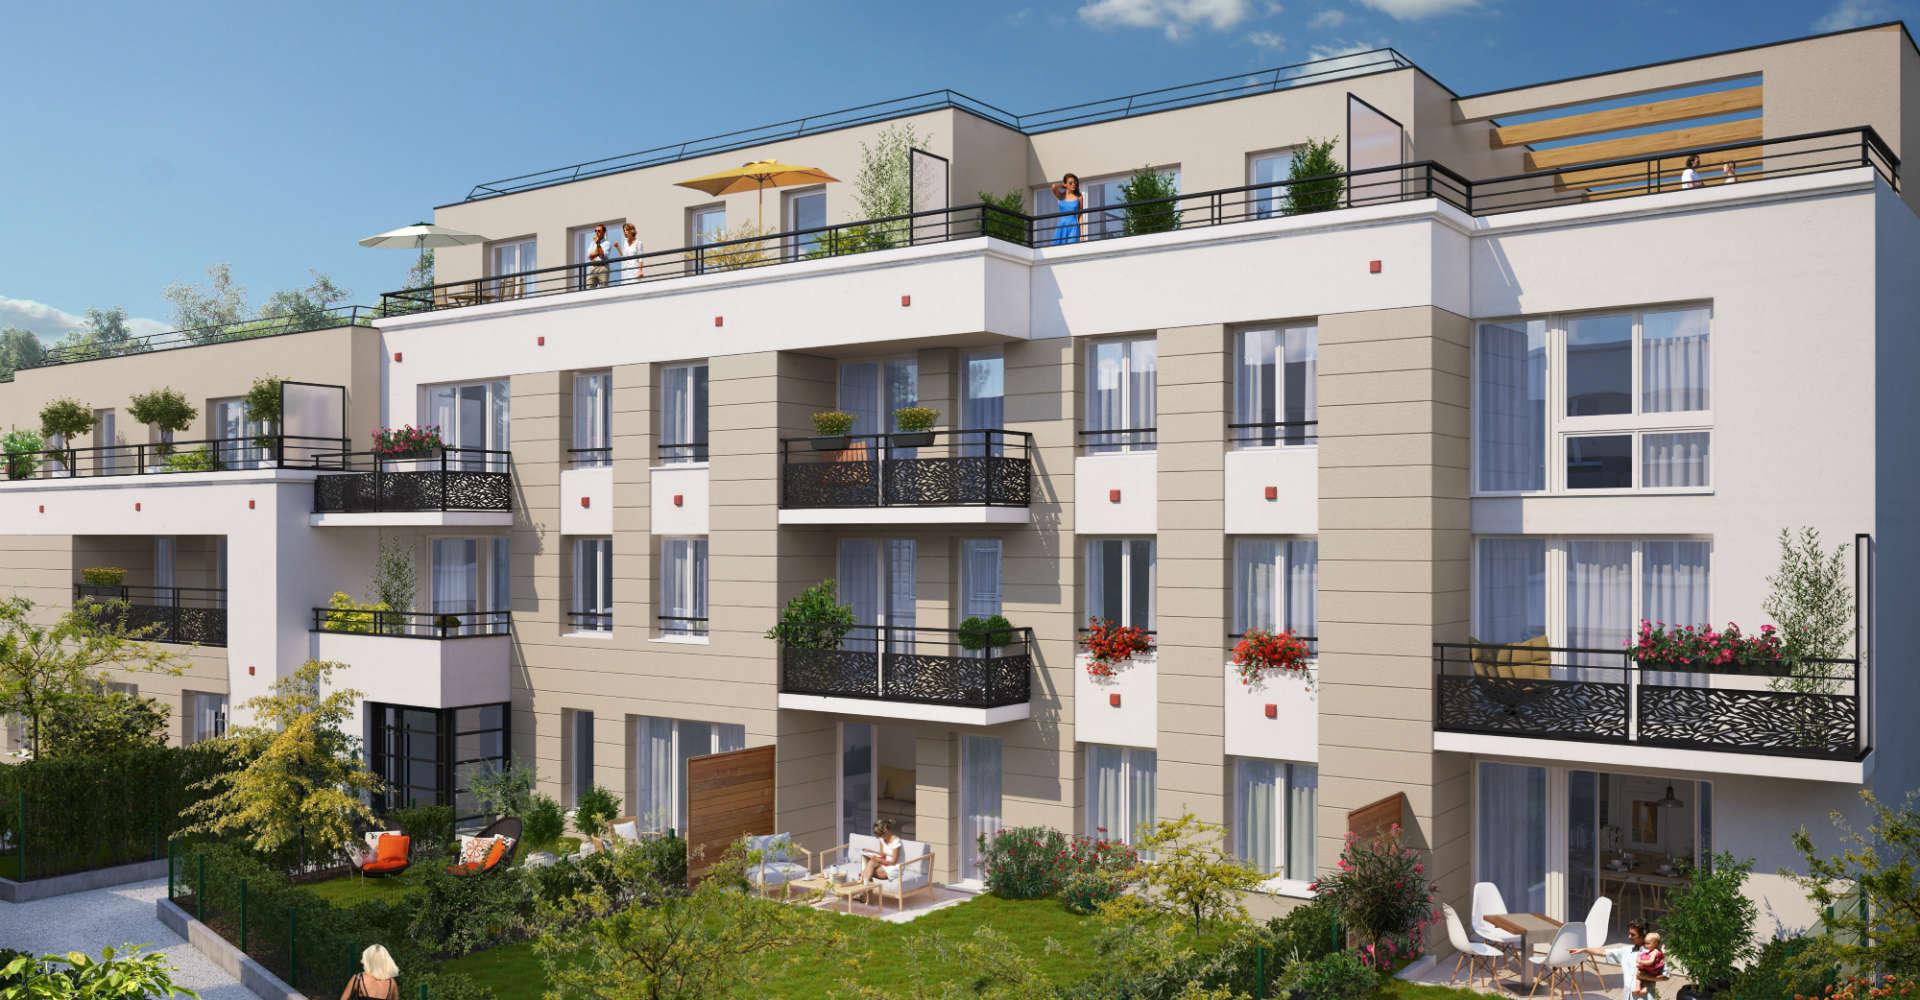 Projet immobilier Sète : vivre dans son propre logement